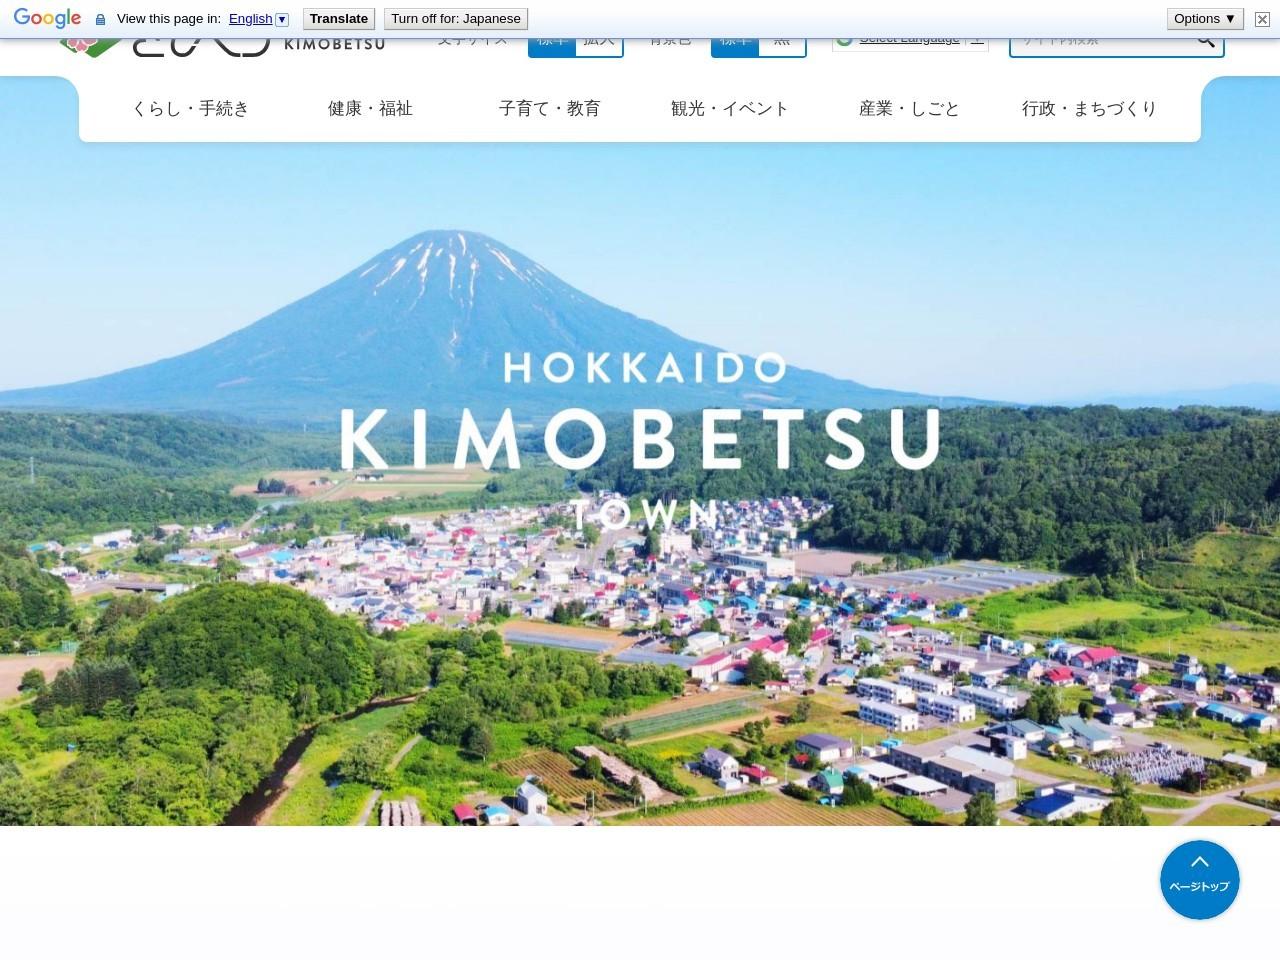 http://www.town.kimobetsu.hokkaido.jp/soshiki_shigoto/sangyosinkouka/sangyosinkouka_syoukou/2018-0905-1317-135.html